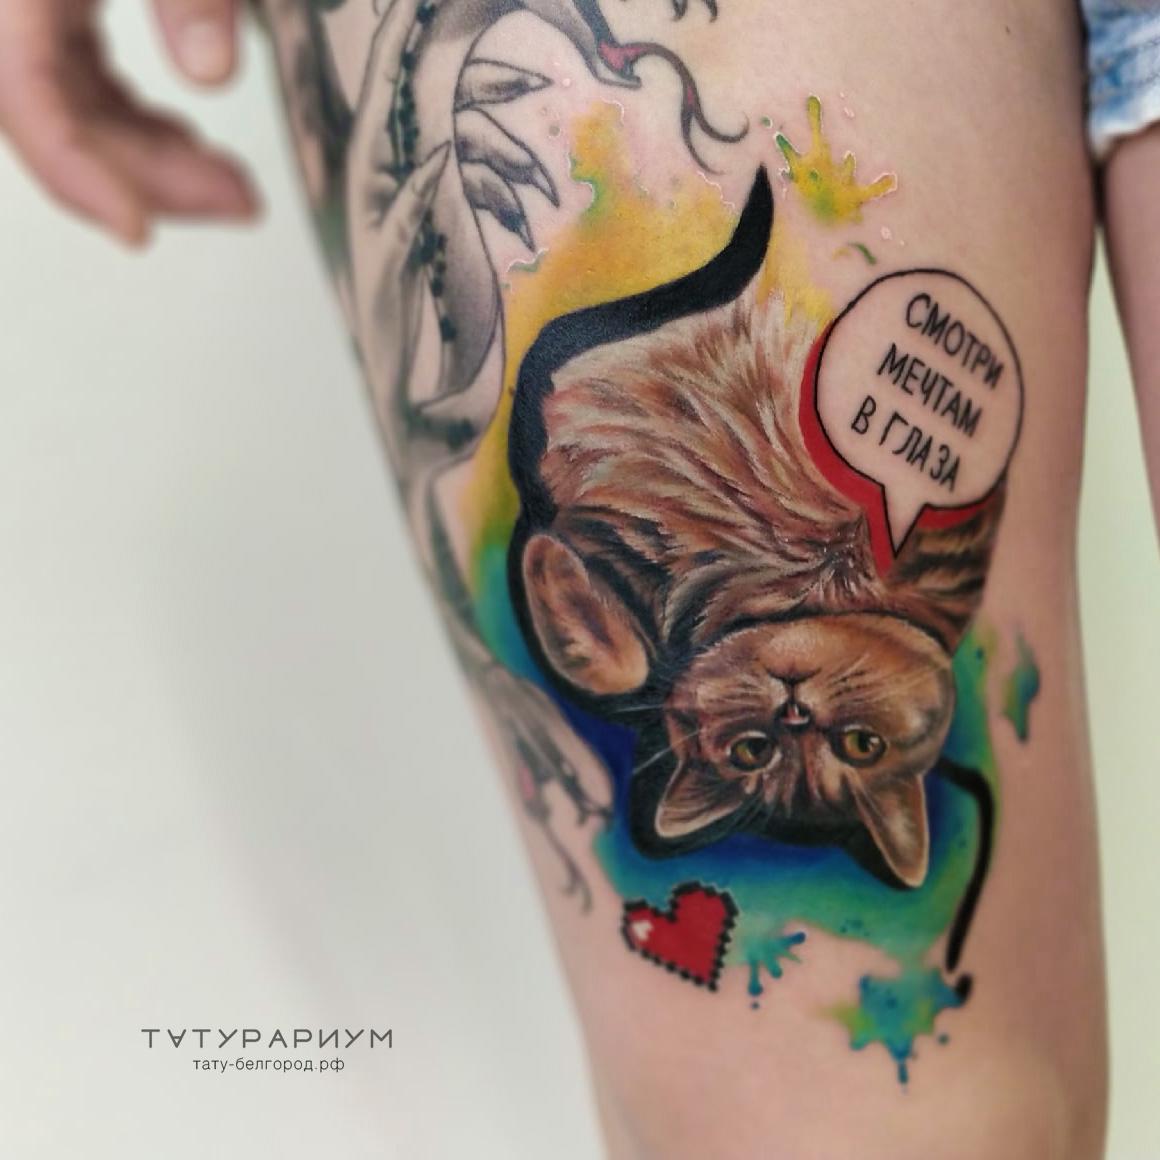 Фото татуировки, кот в акварельных тонах